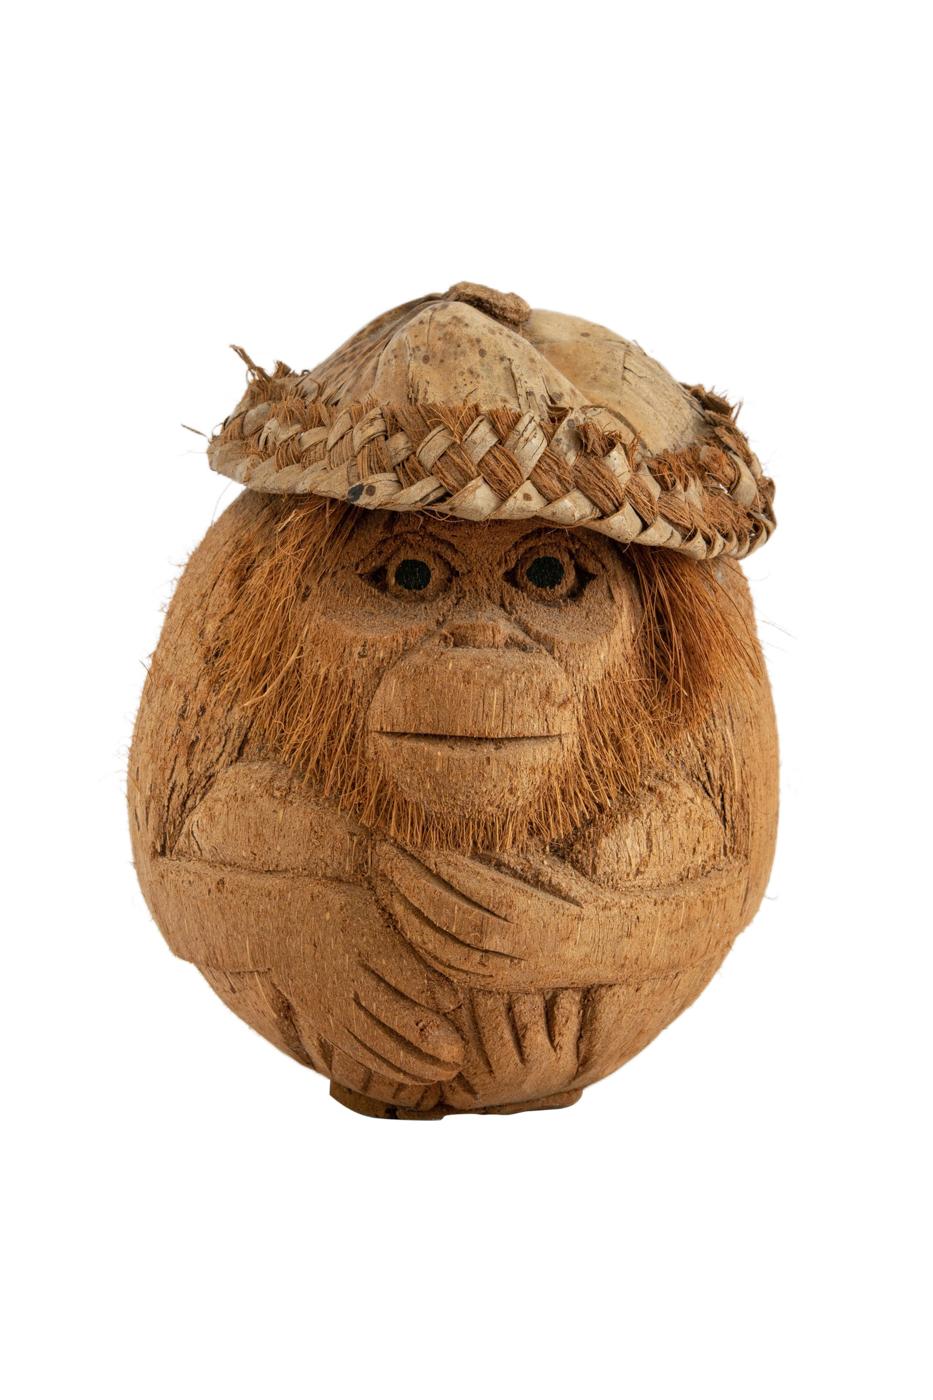 Coco decorativo con figura de mono